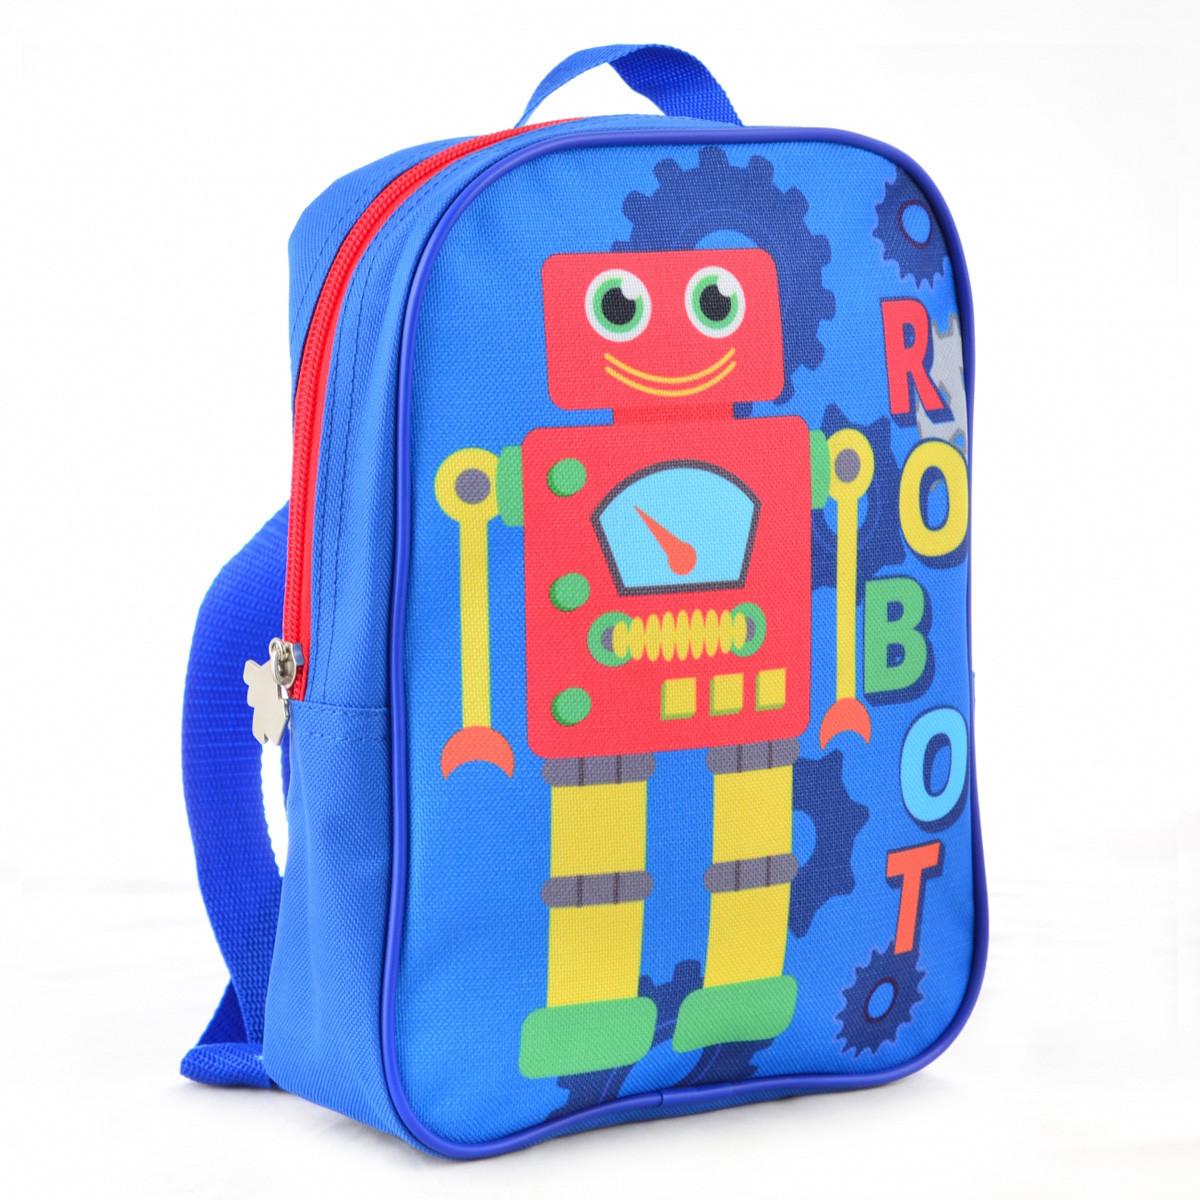 Рюкзак детский K-18  Robot, 24.5*17*6  554750